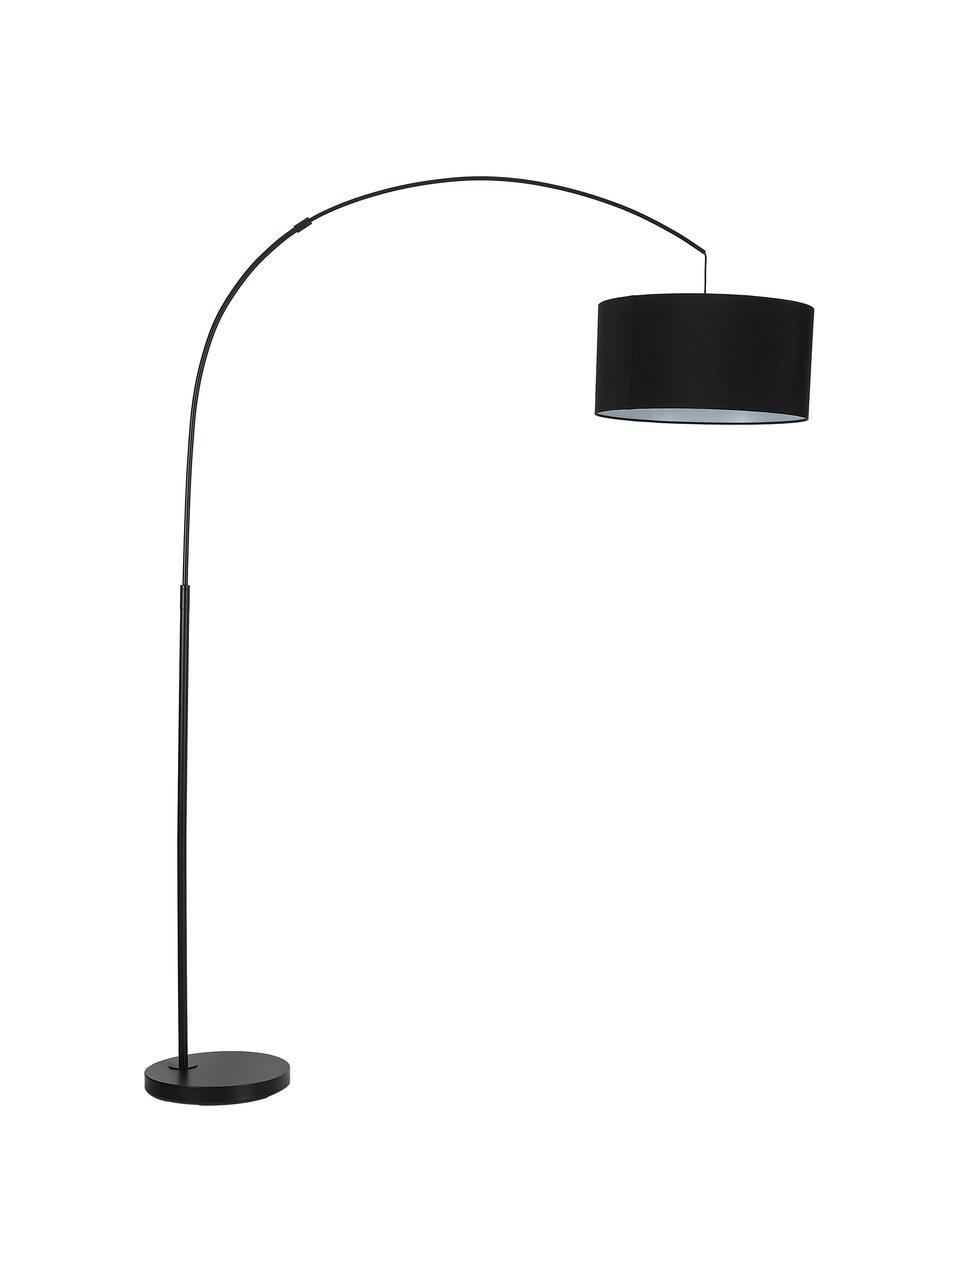 Lampadaire arc moderne Niels, Abat-jour: noir Pied de lampe: noir, matCâble: noir